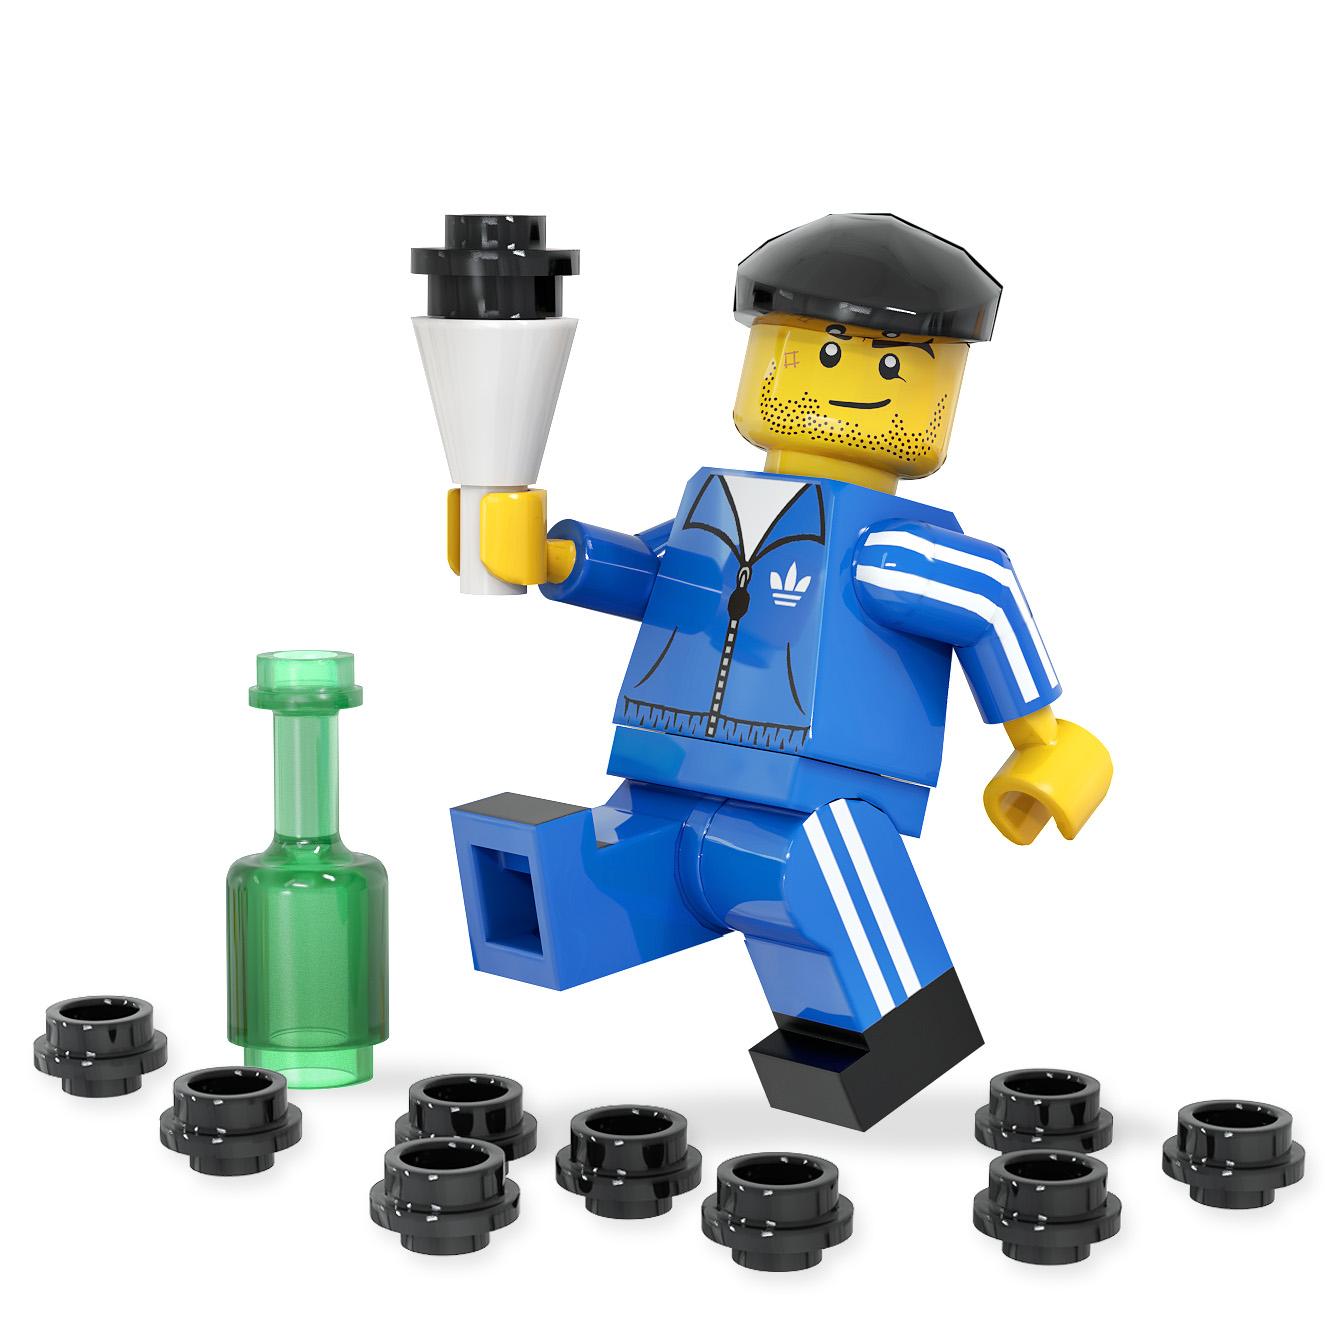 Lego Ideas: как авторские идеи превращаются в конструкторы - 18